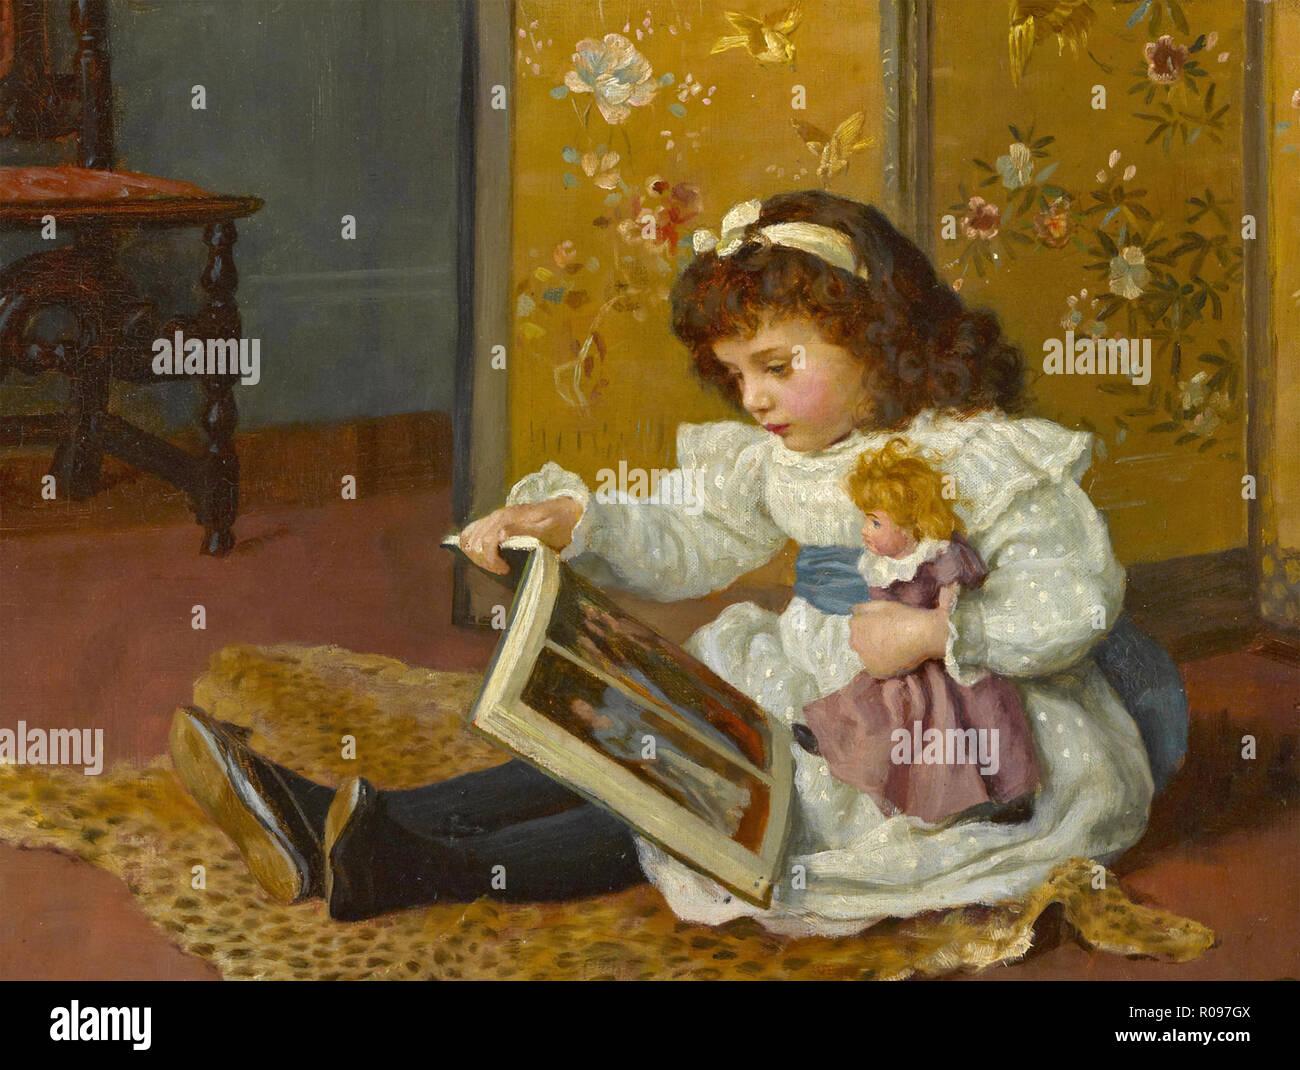 Bambino in stile vittoriano di lettura con la sua bambola. Artista sconosciuto. Foto Stock